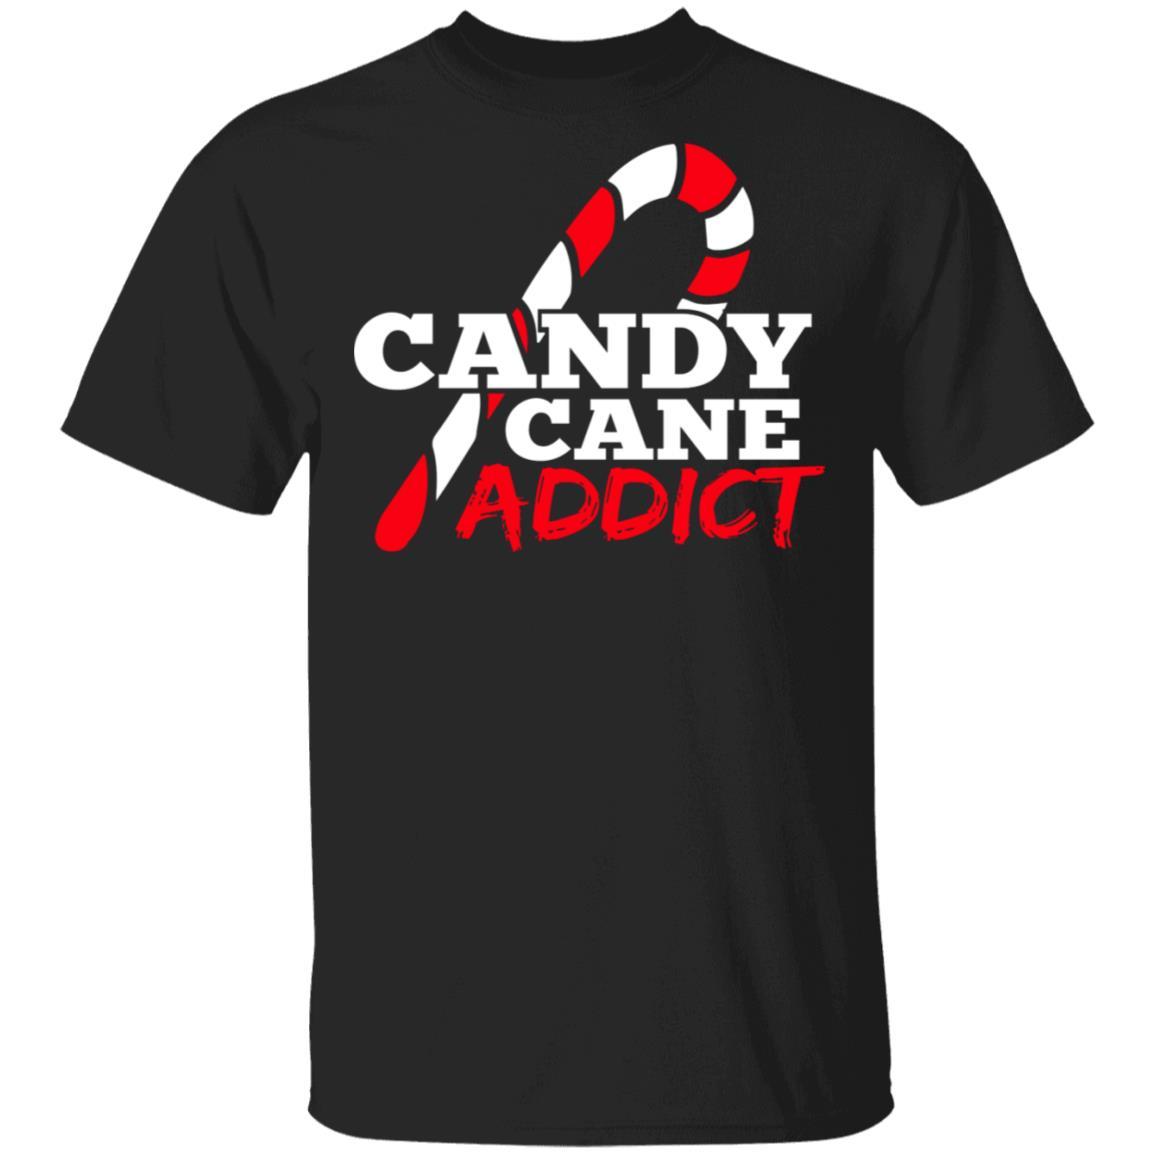 Candy Cane Addict Christmas Unisex Short Sleeve